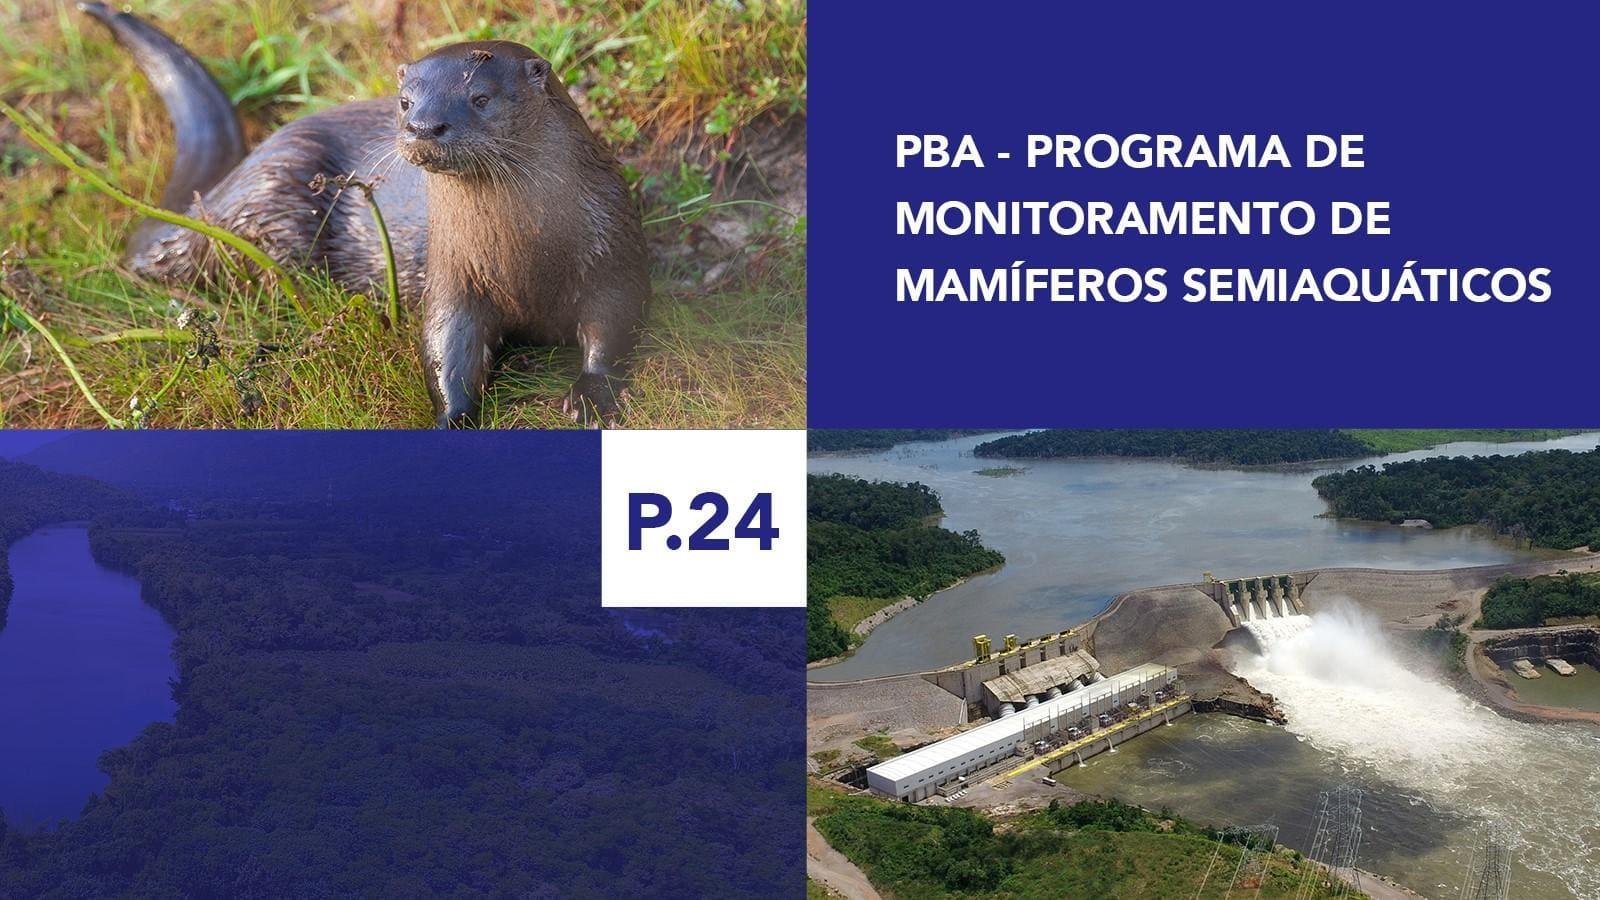 P.24 - Programa de Monitoramento de Mamíferos Semi-Aquáticos